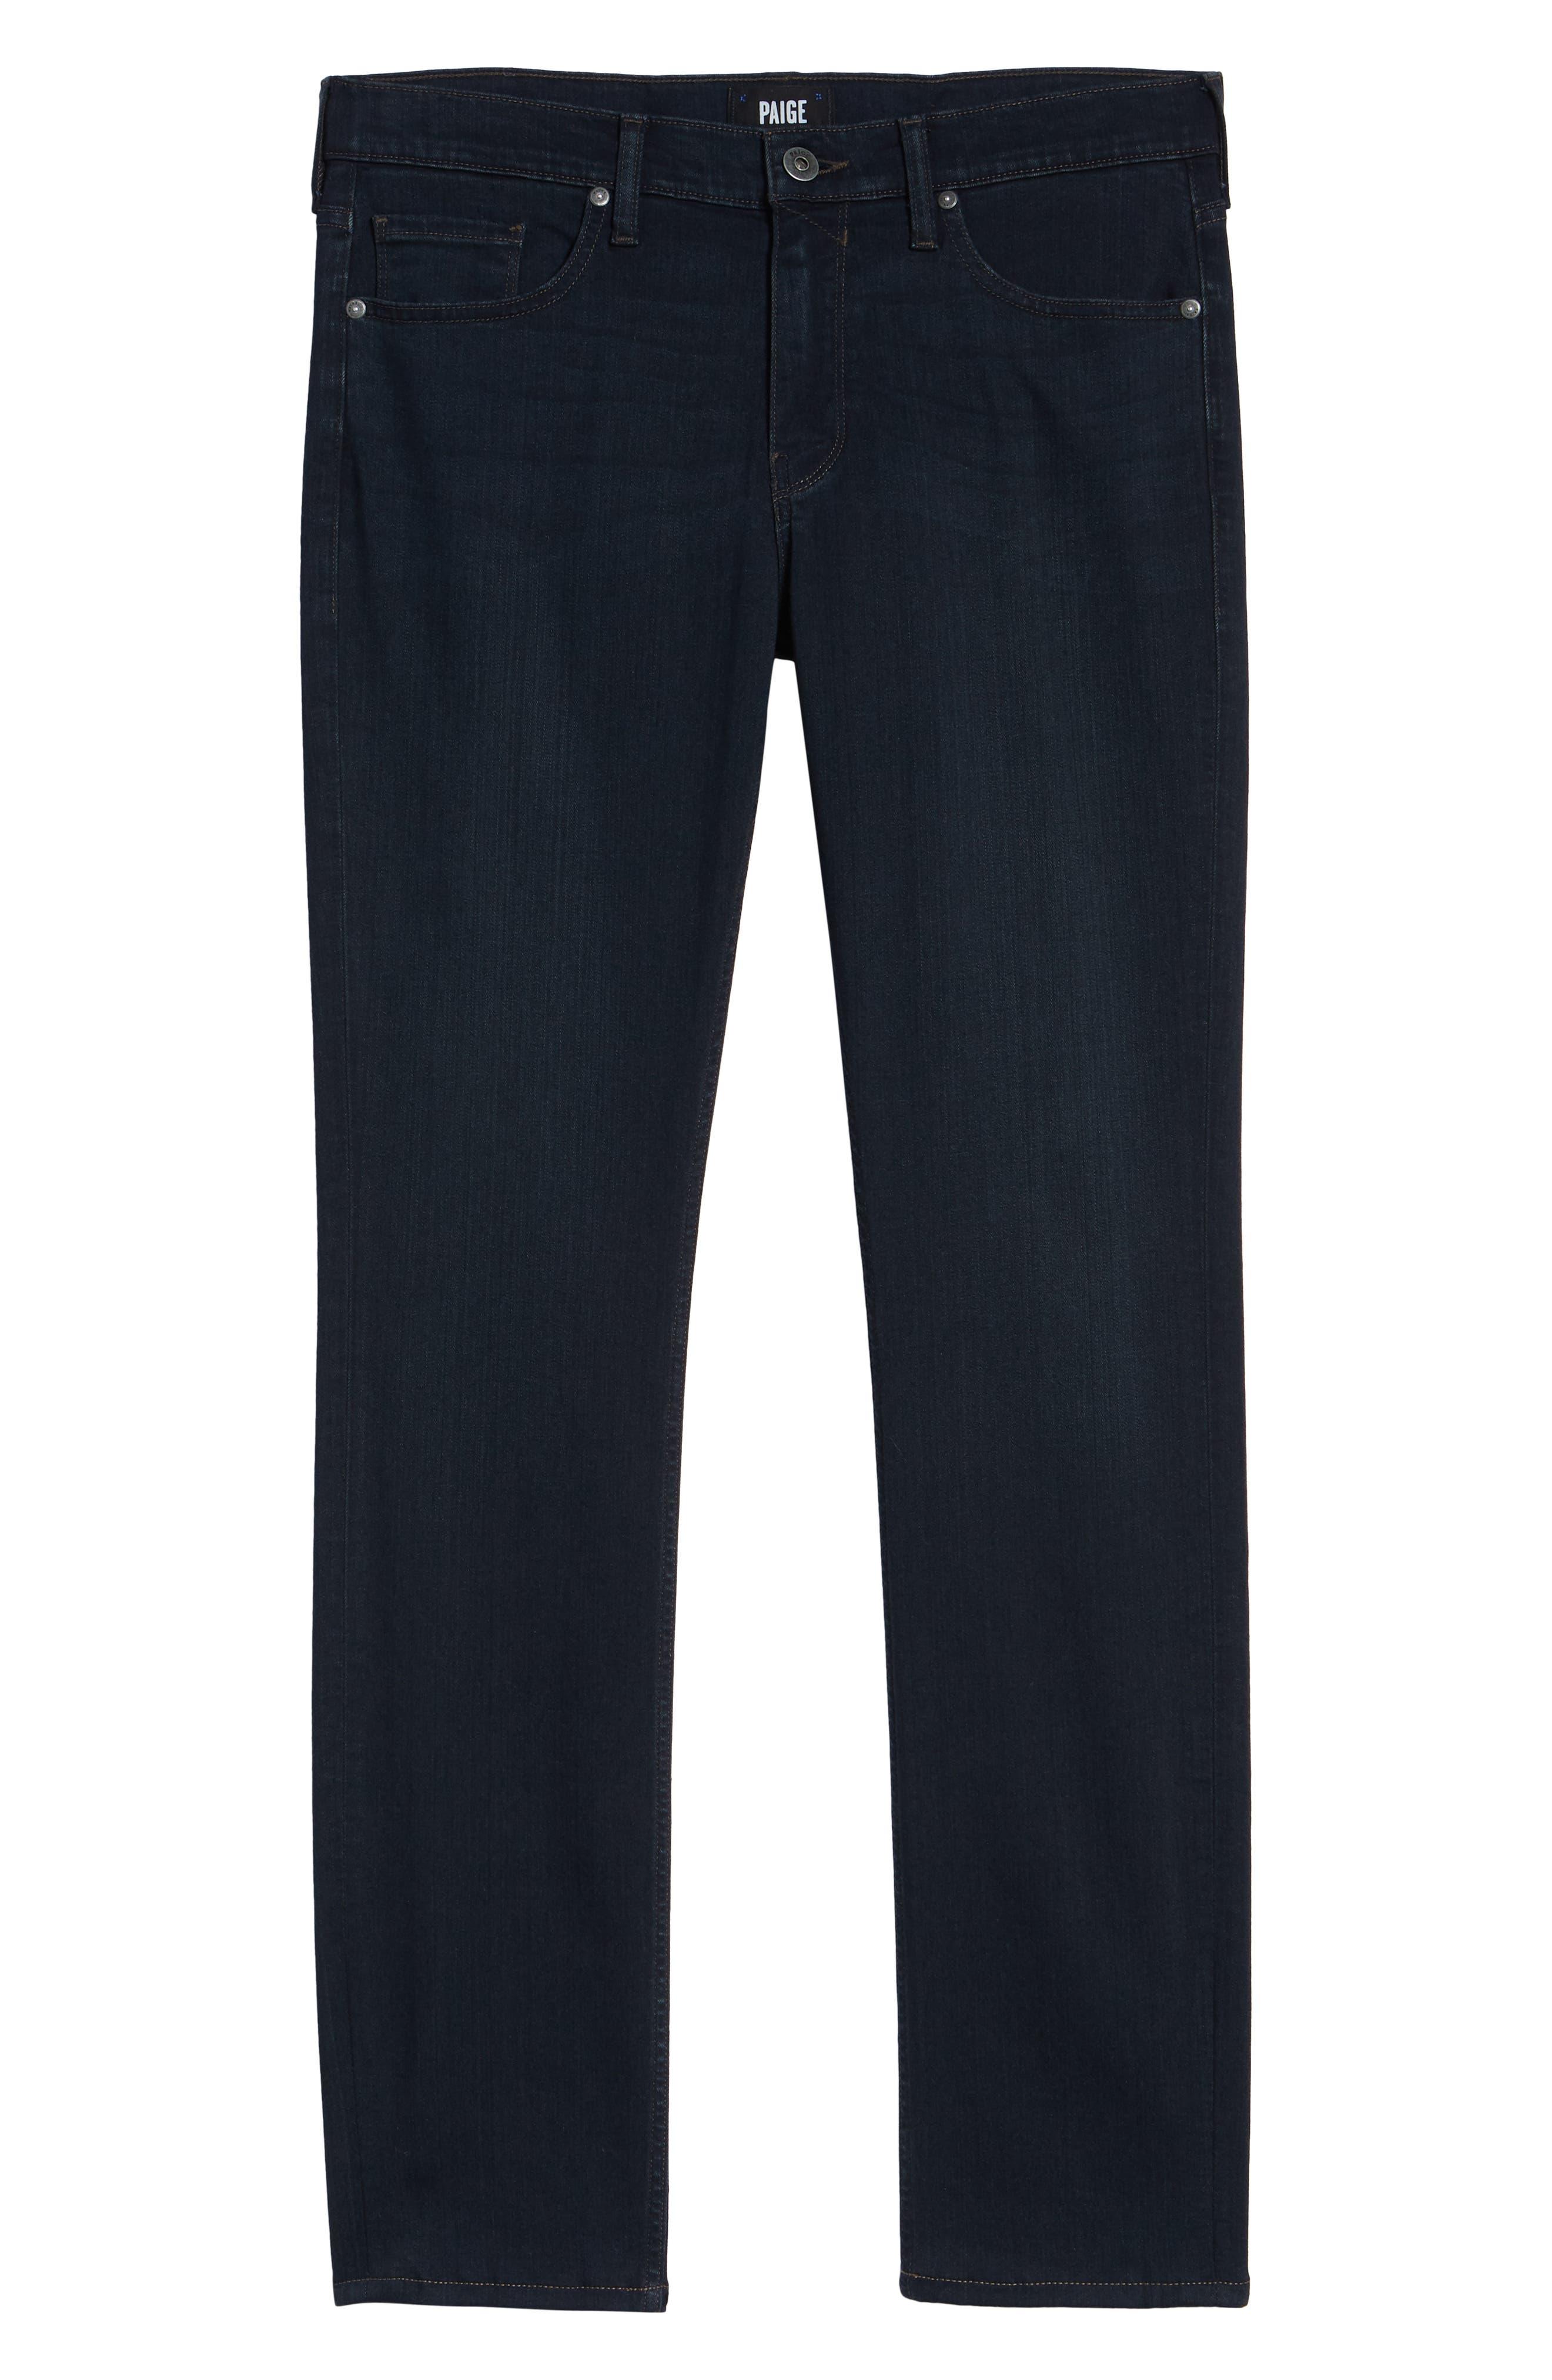 PAIGE, Transcend – Lennox Slim Fit Jeans, Alternate thumbnail 7, color, DOMINIC